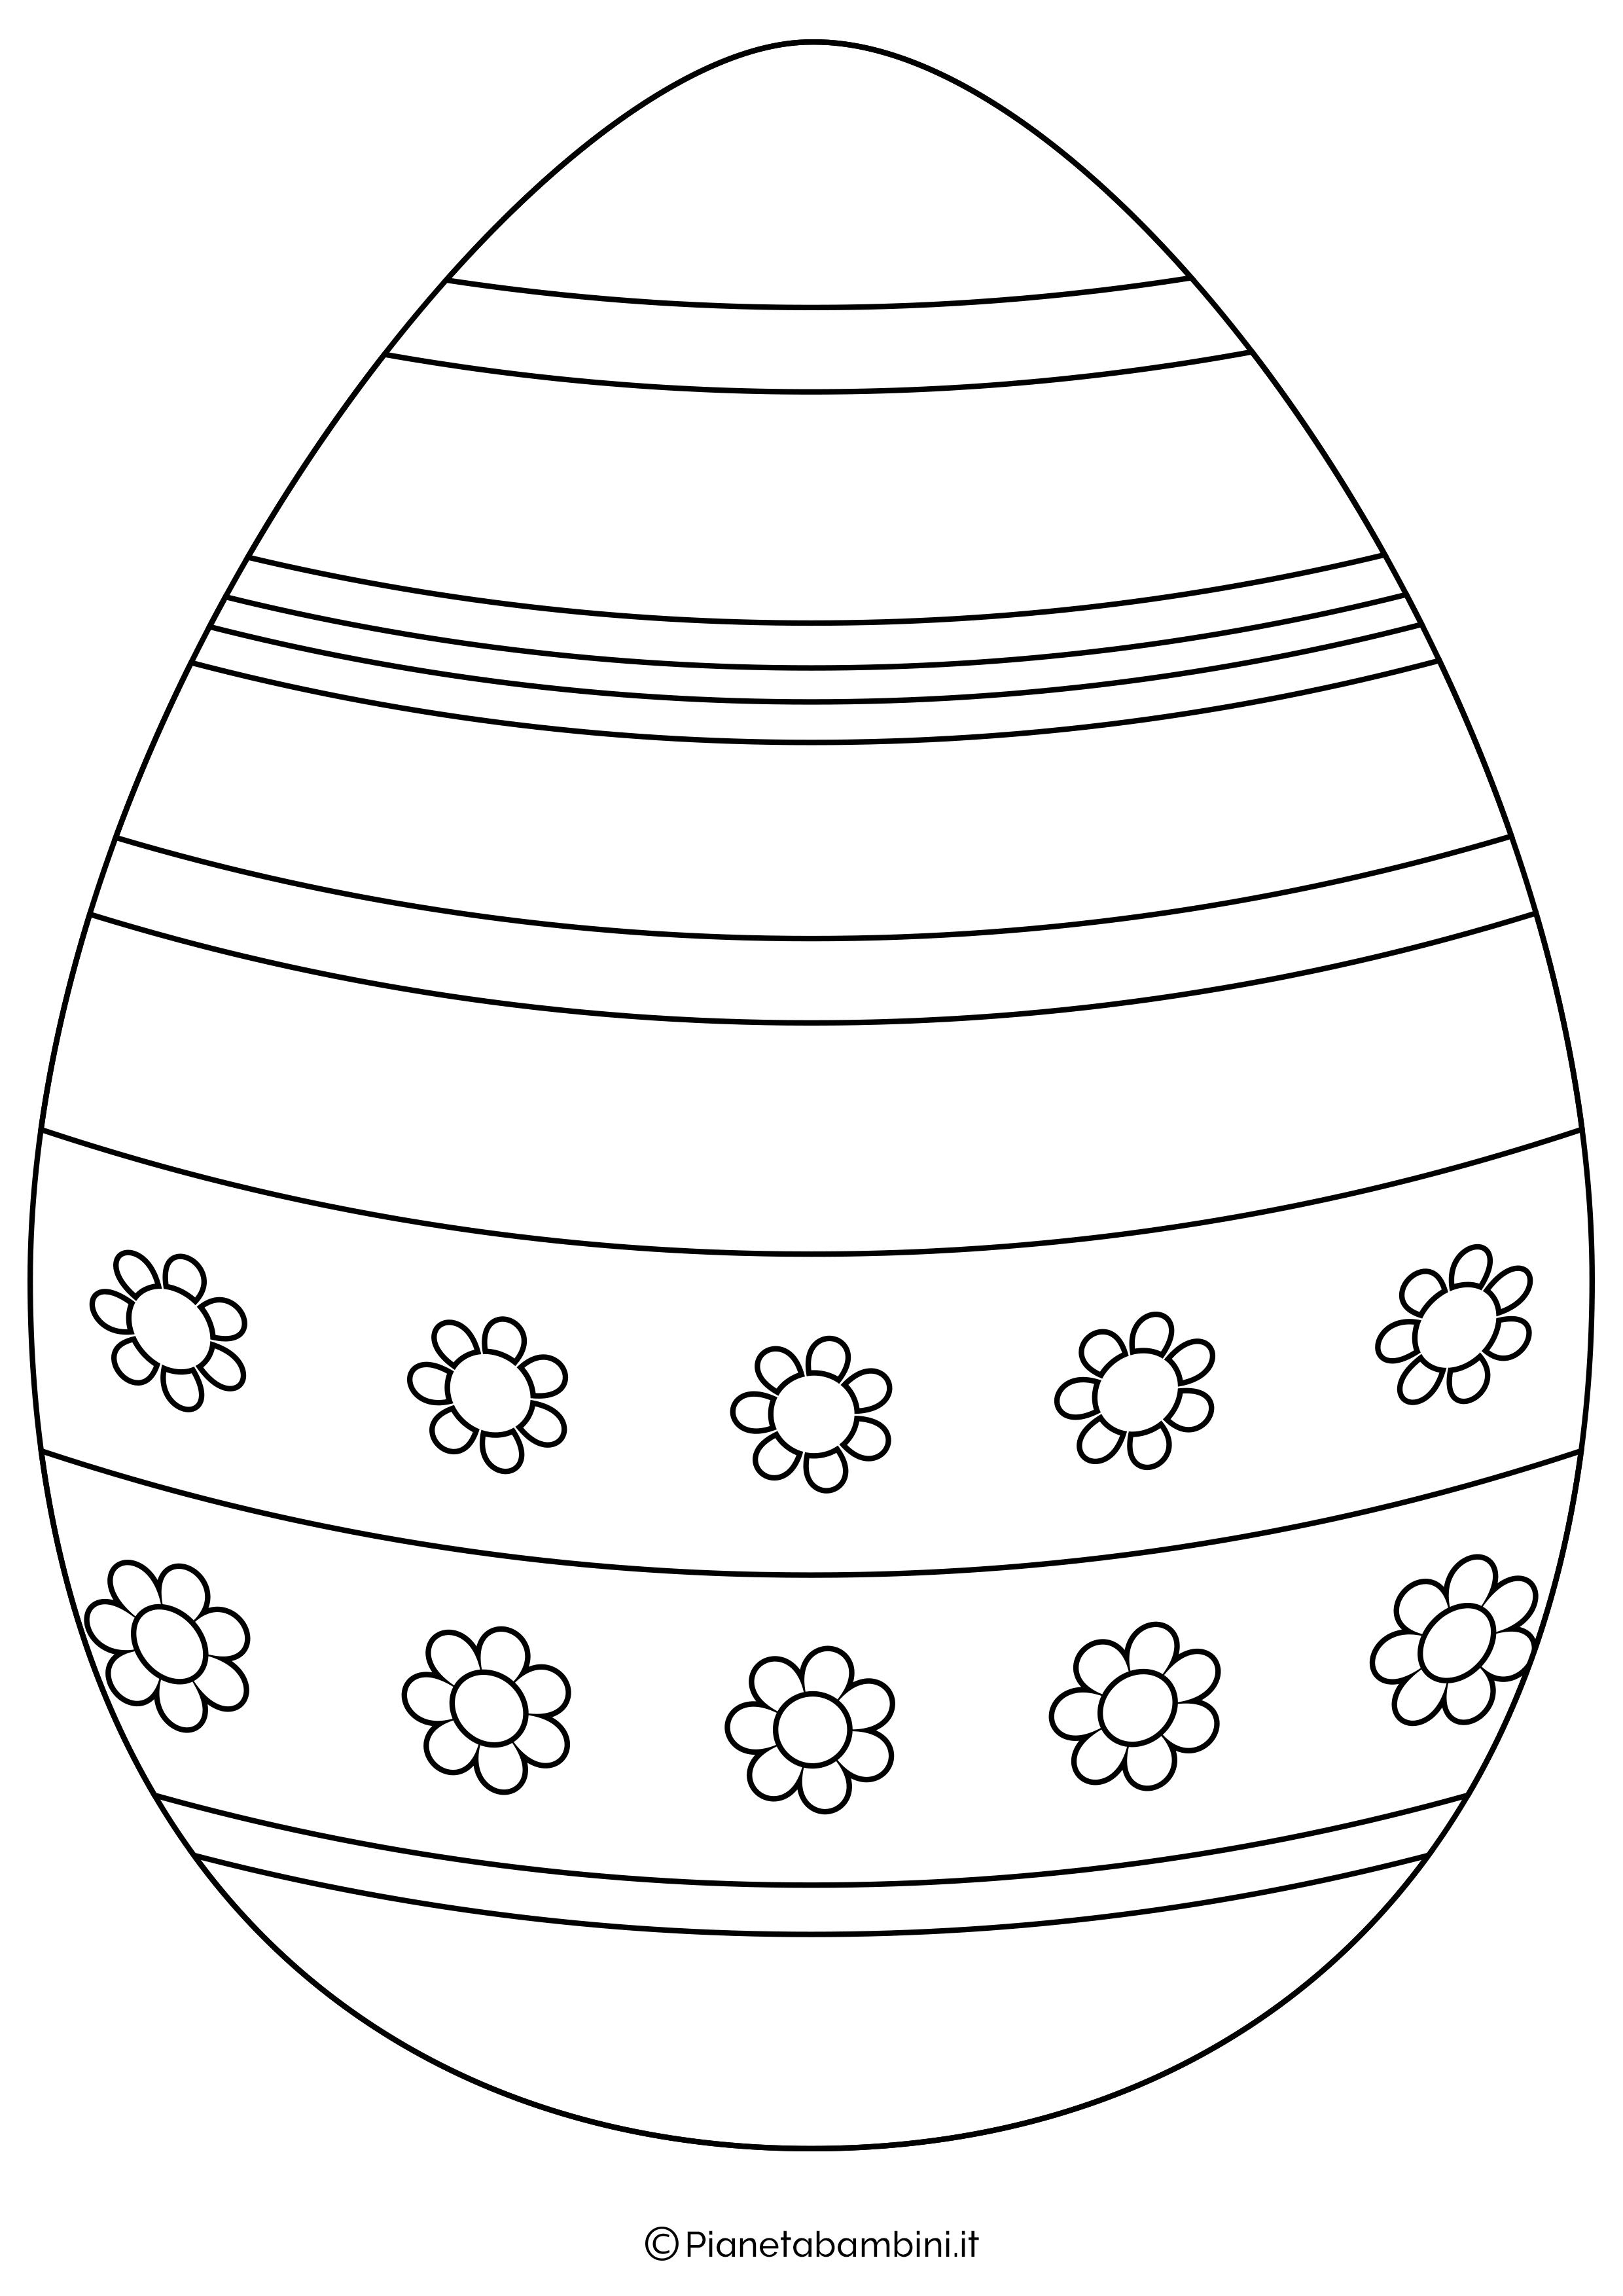 Disegno-Uova-Pasqua-01